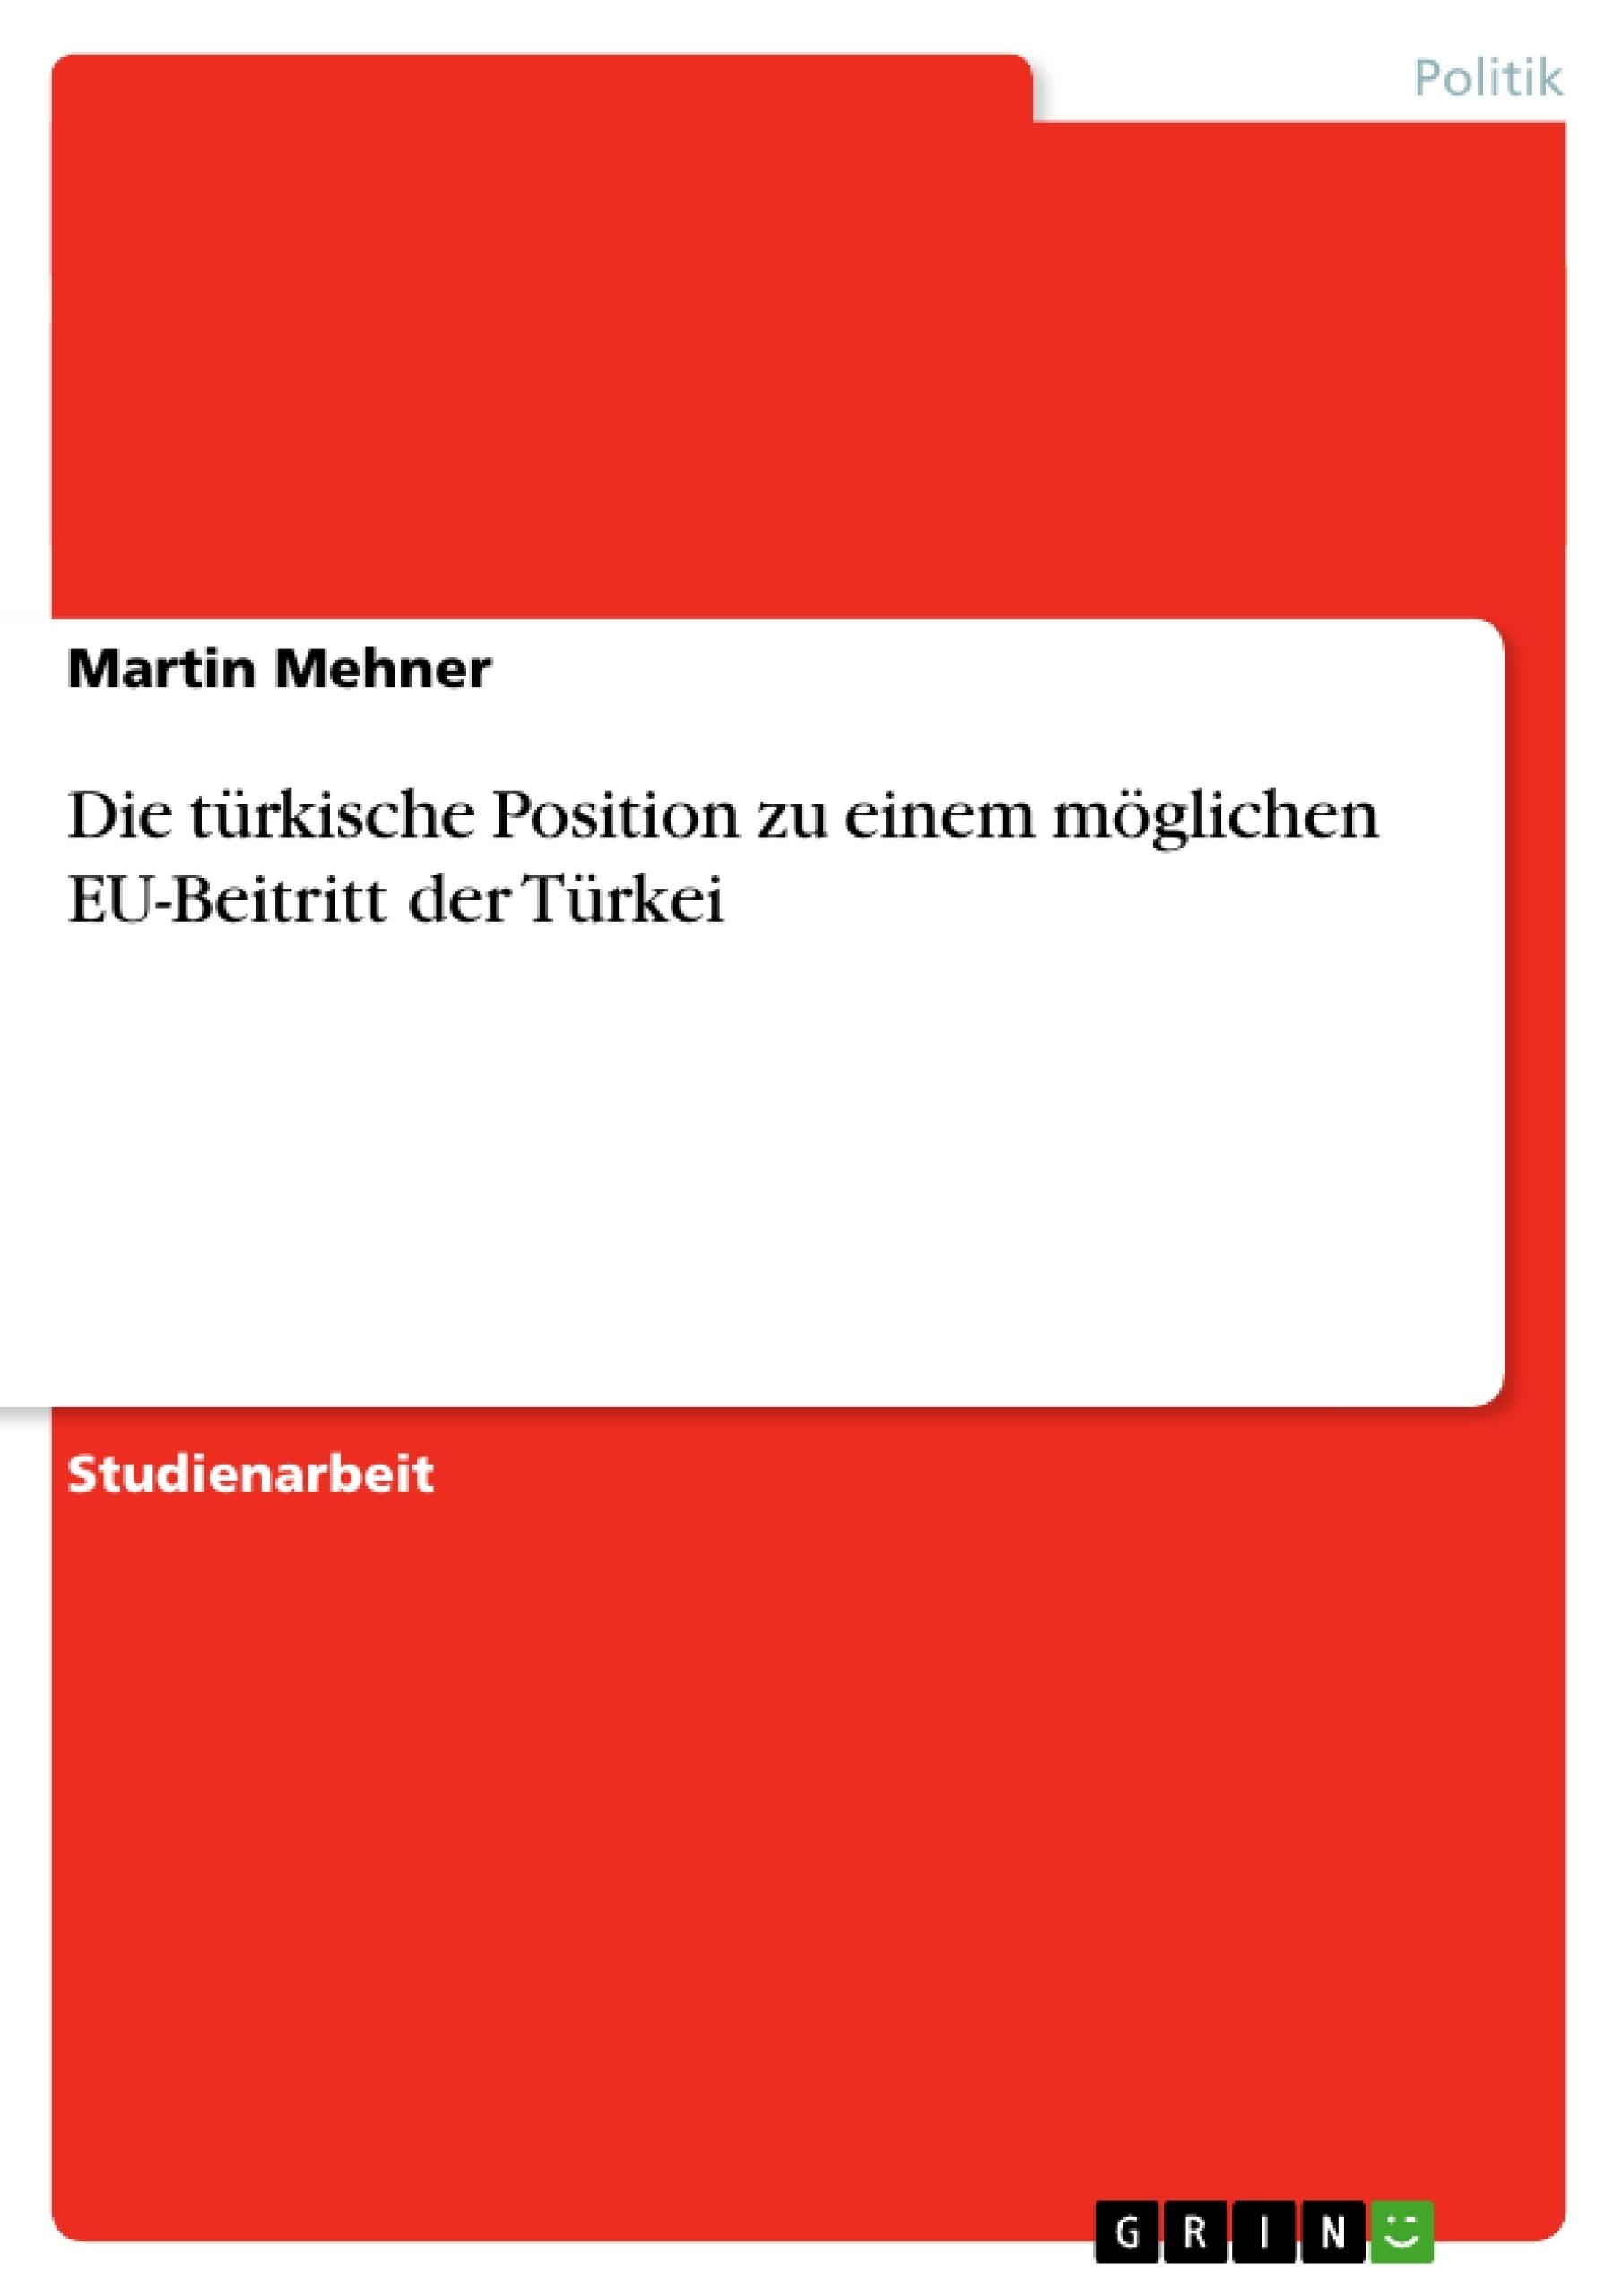 Titel: Die türkische Position zu einem möglichen EU-Beitritt der Türkei